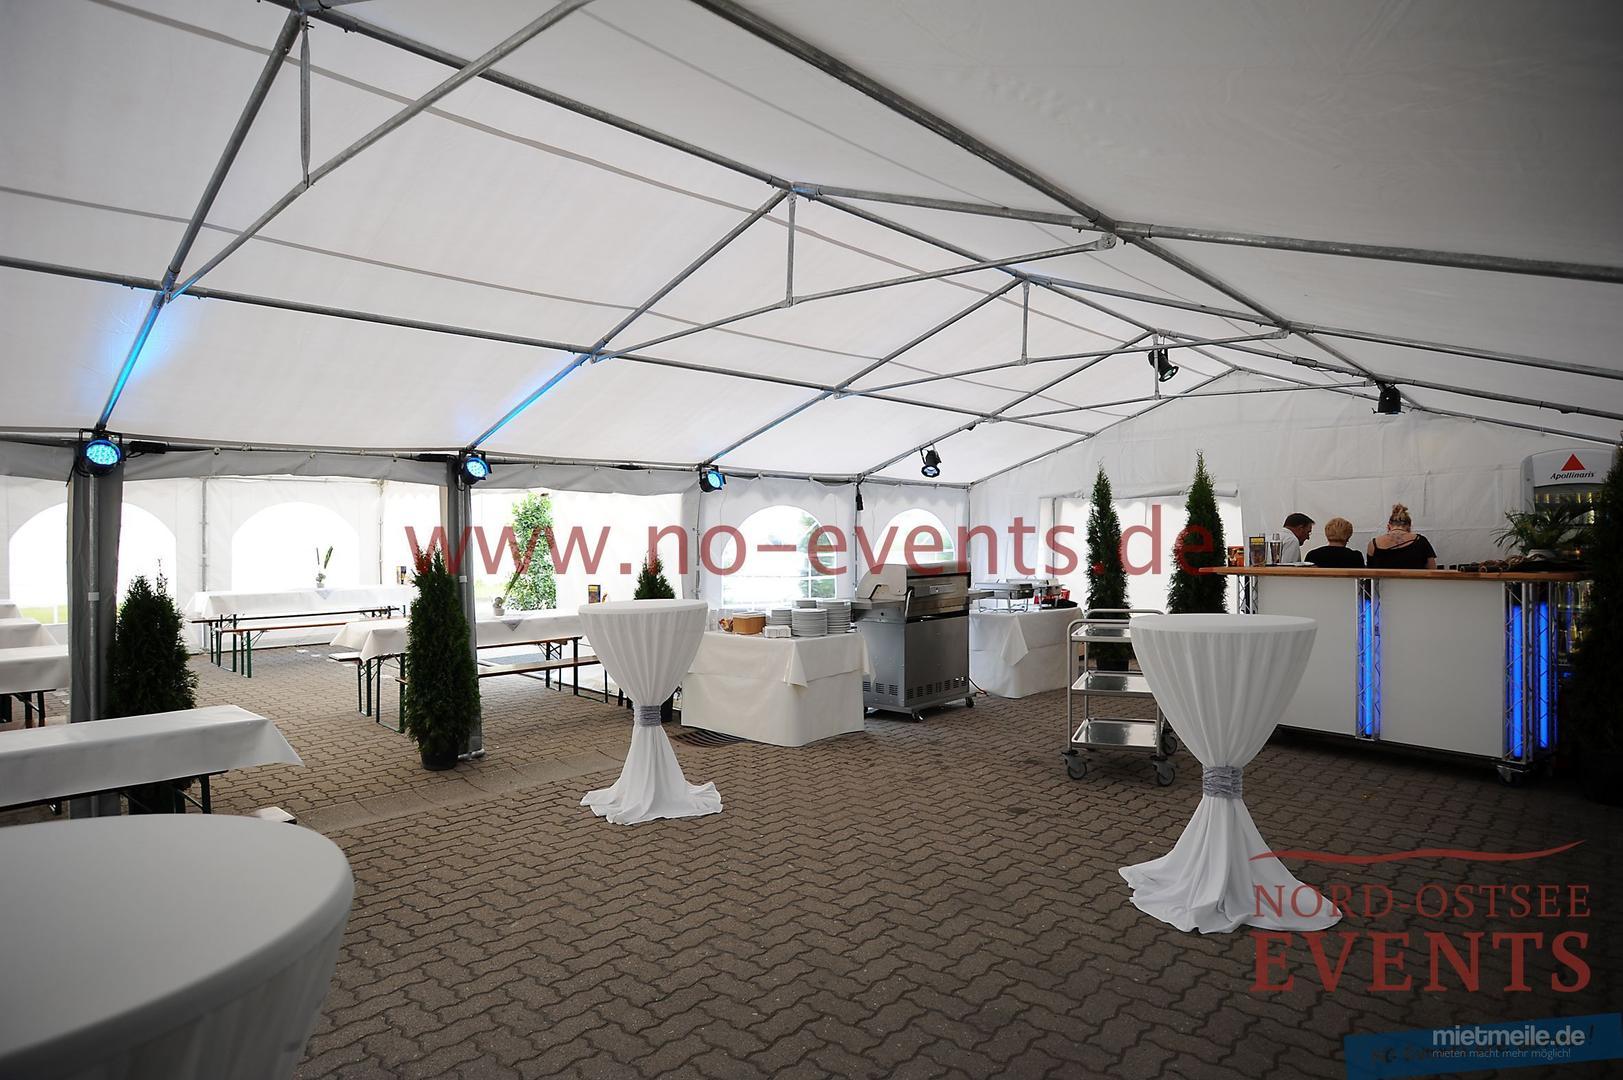 Partyzelte mieten & vermieten - Pavillon 3 x 3 x 2,5 m / Stoff / Blau in Neumünster